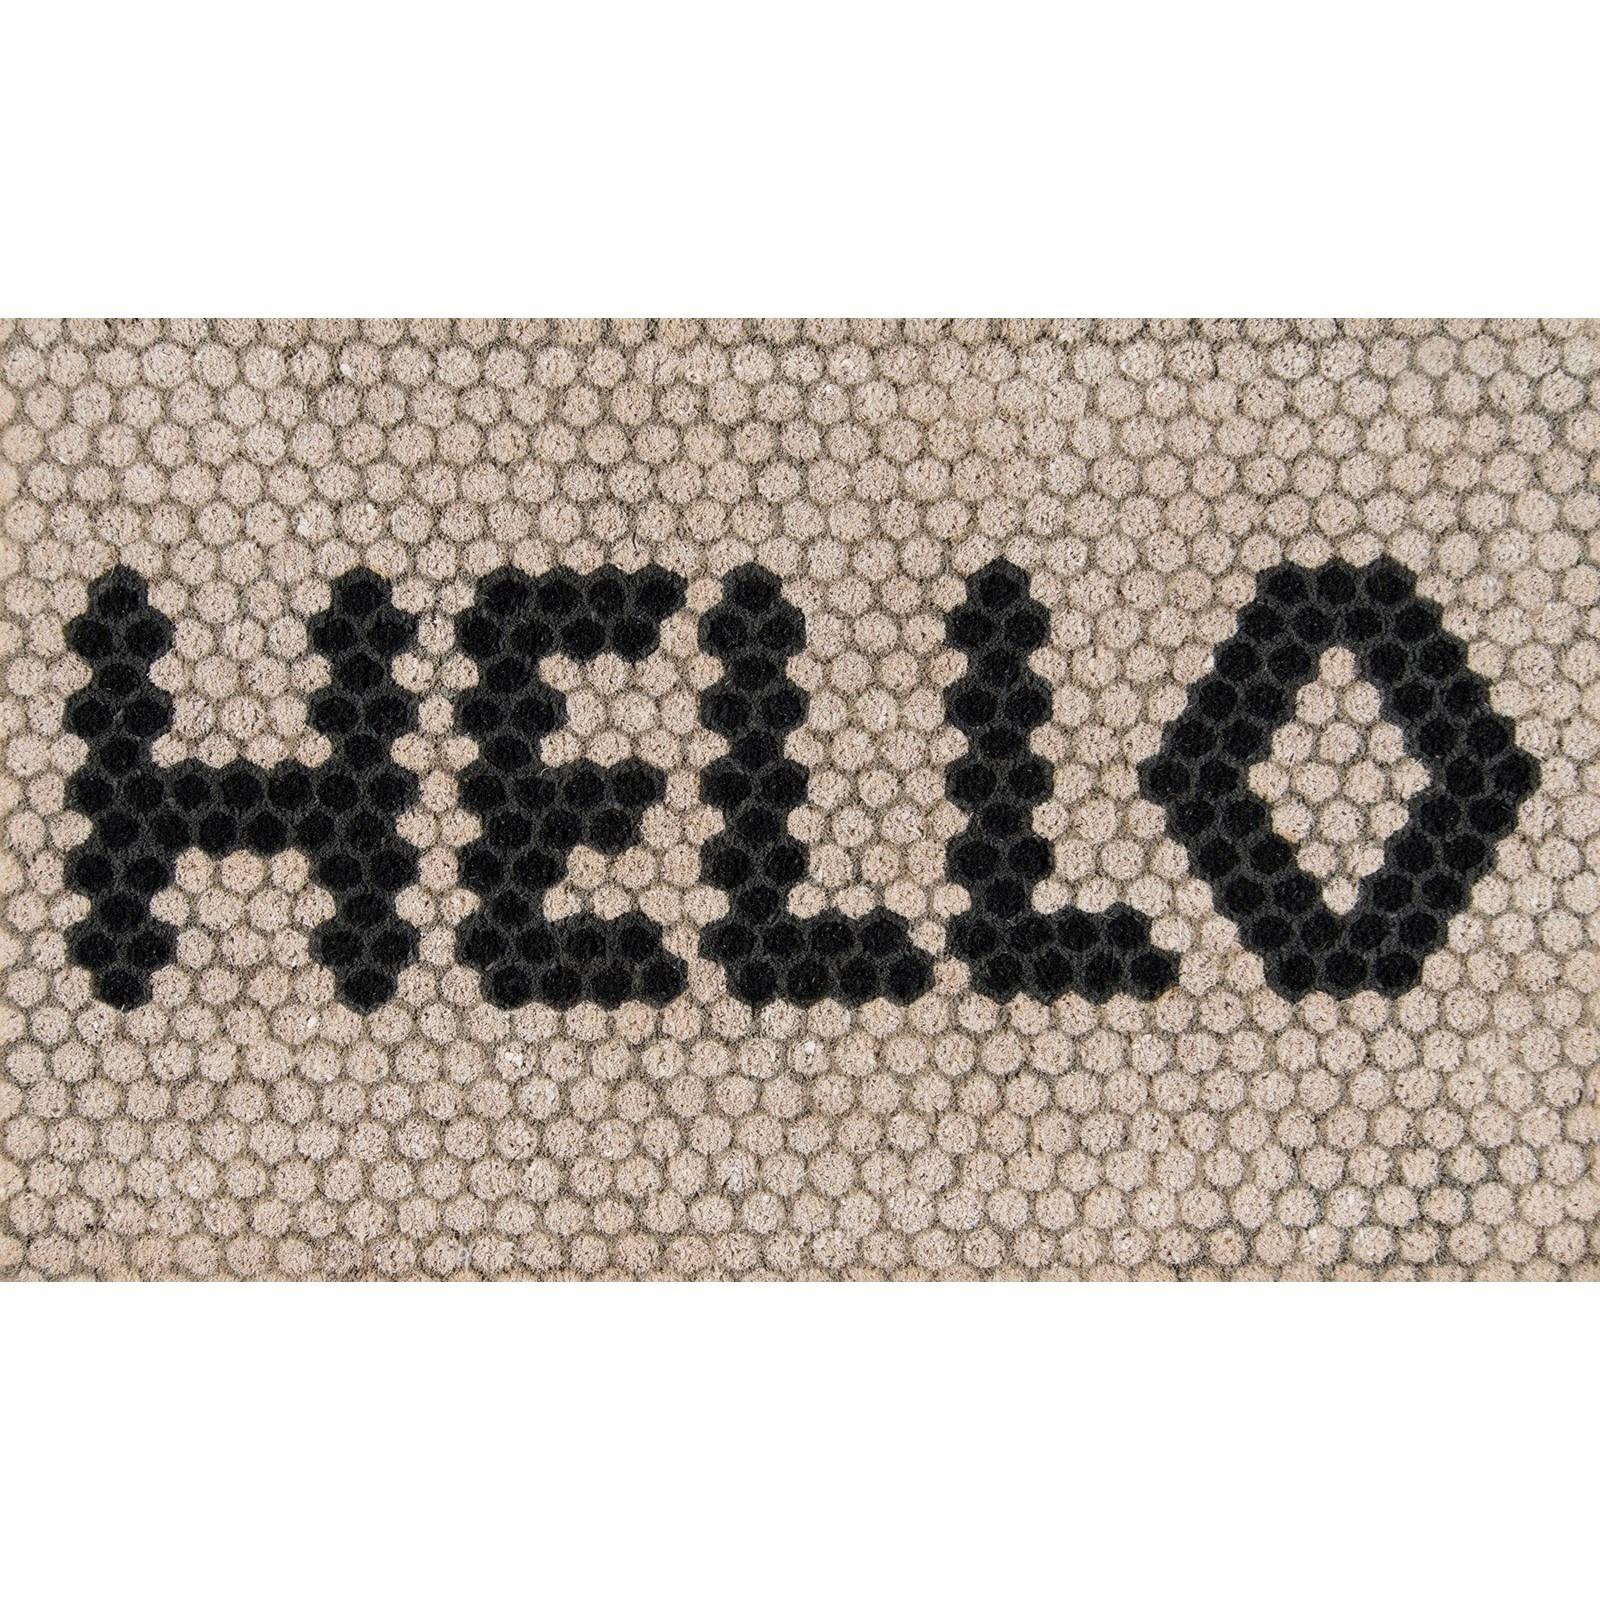 """Novogratz Aloha Hello Hex Tile 1'6"""" x 2'6"""" Rug by Momeni at Belfort Furniture"""